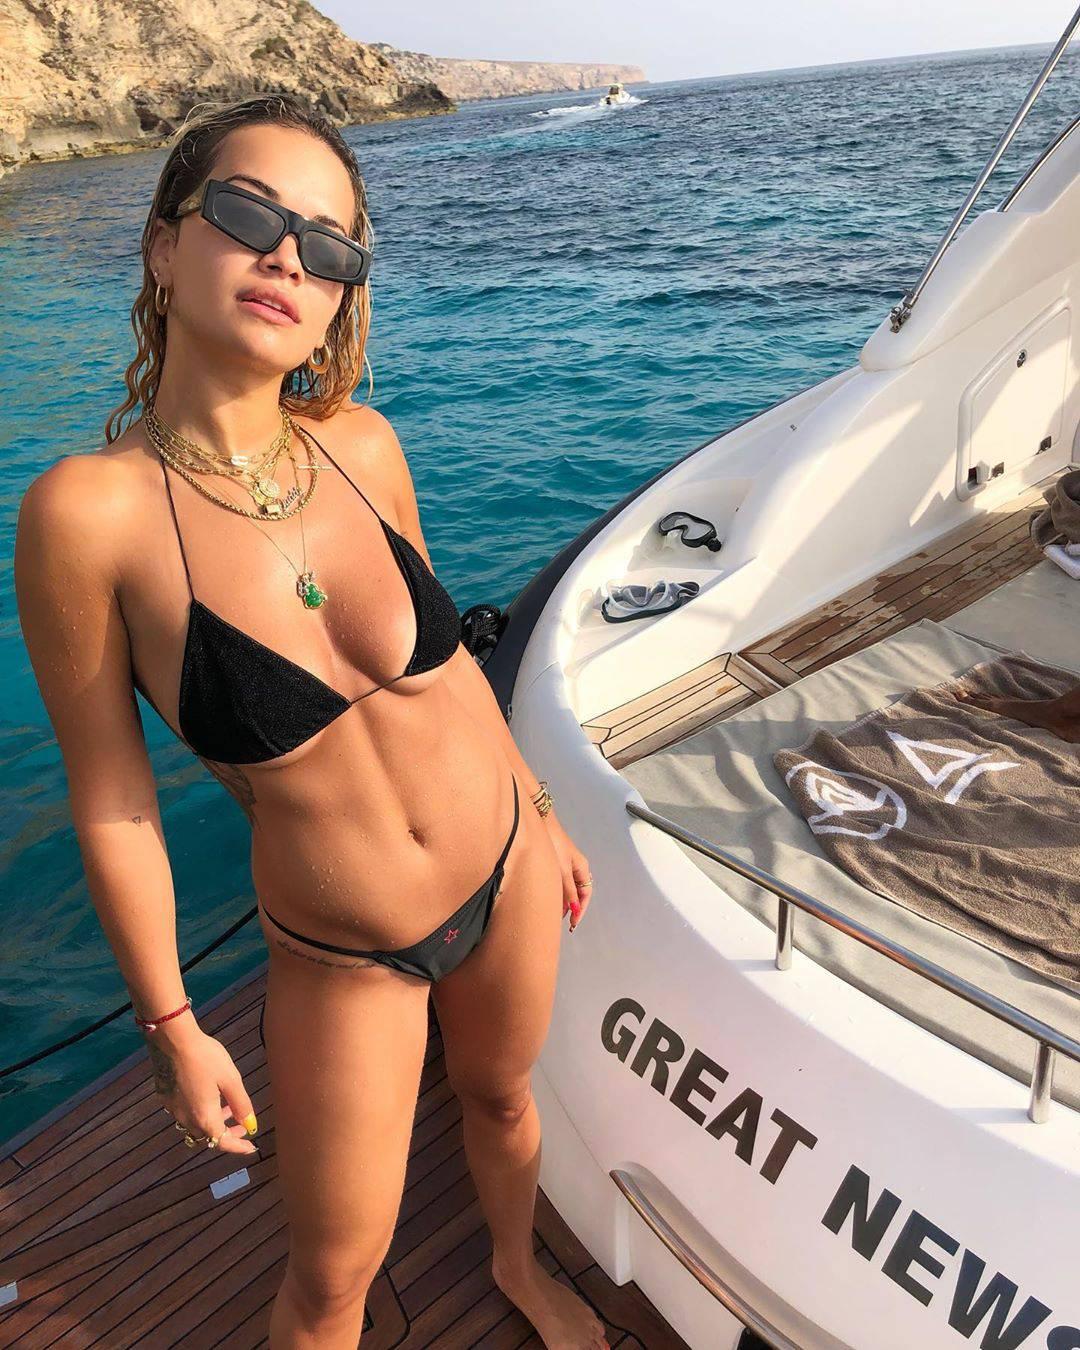 Rita Ora spremna je za Jadran, u premalom badiću 'hvata' boju